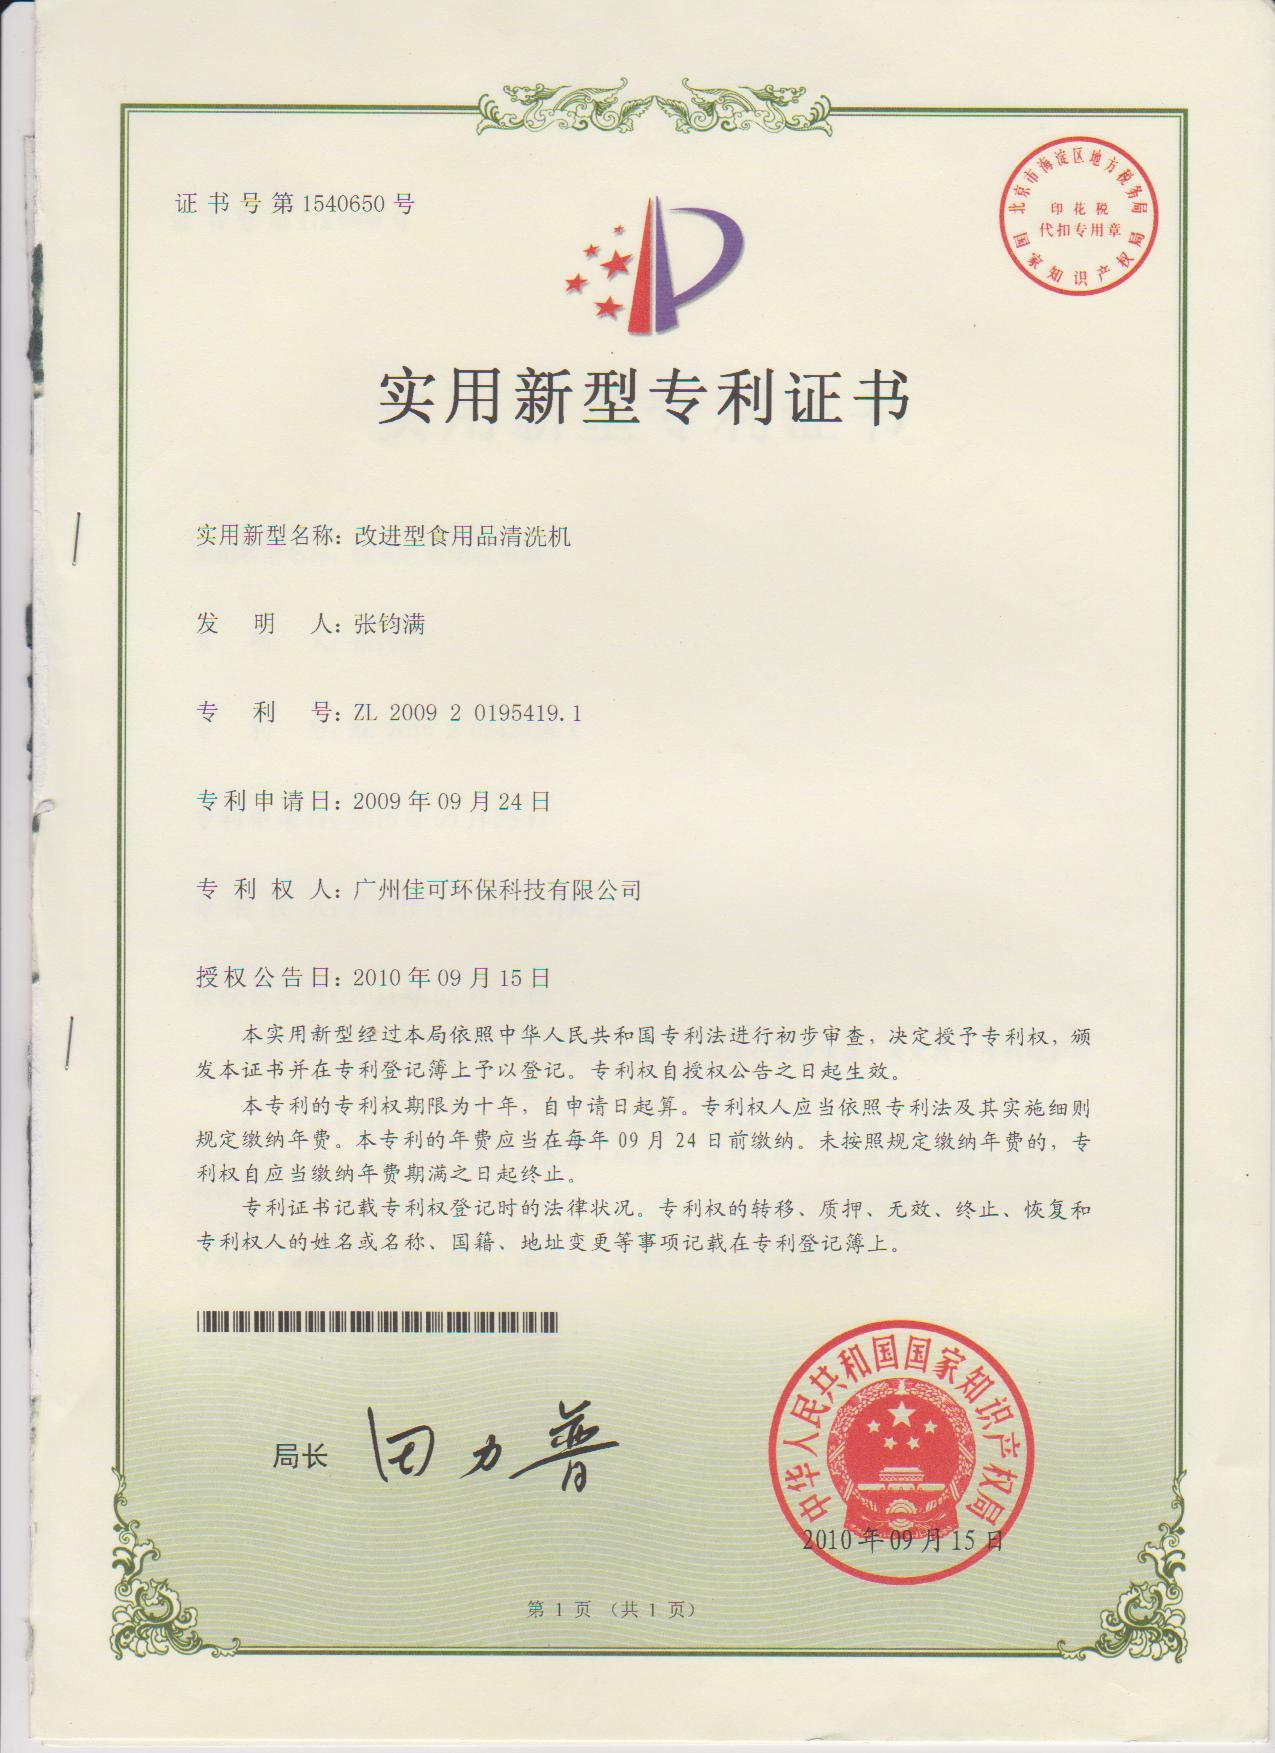 改进型专利